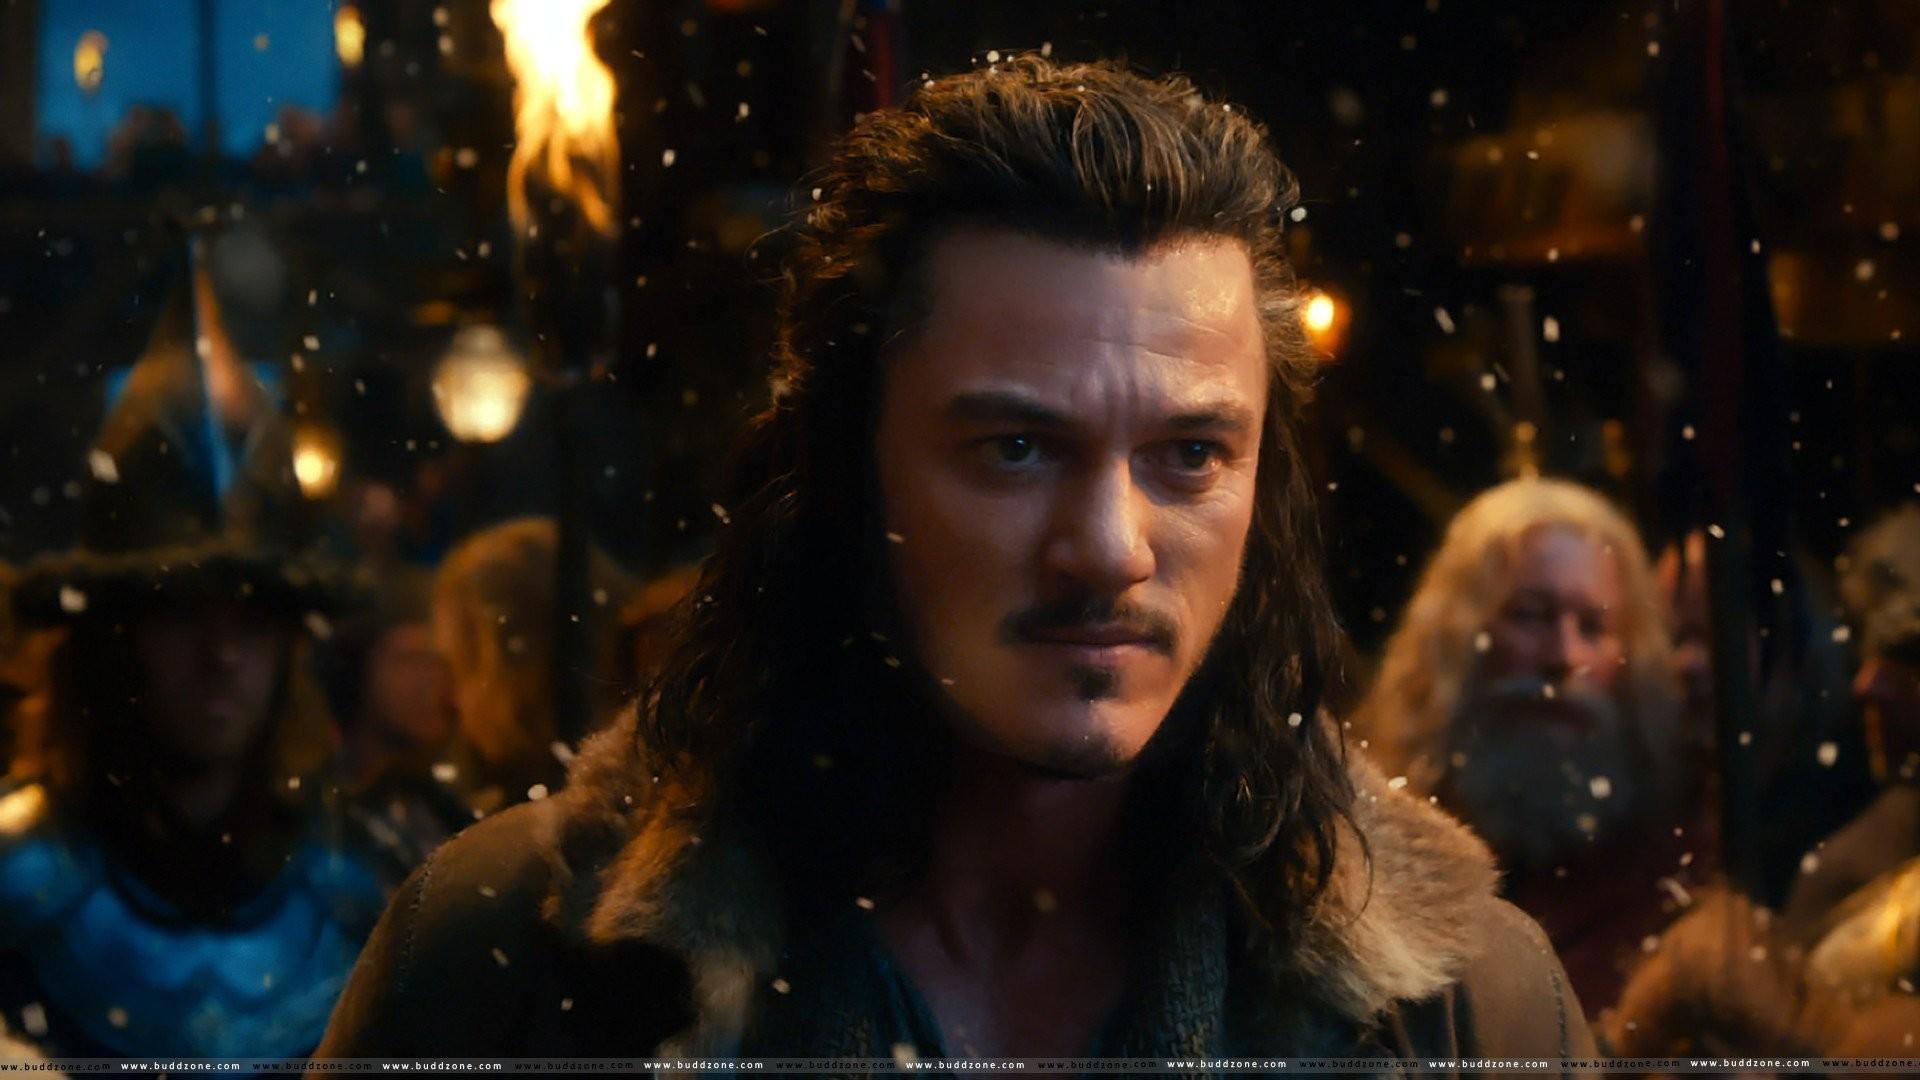 Fire elf hobbit lord rings lotr fantasy movie film smog desolation wallpaper      281716   WallpaperUP